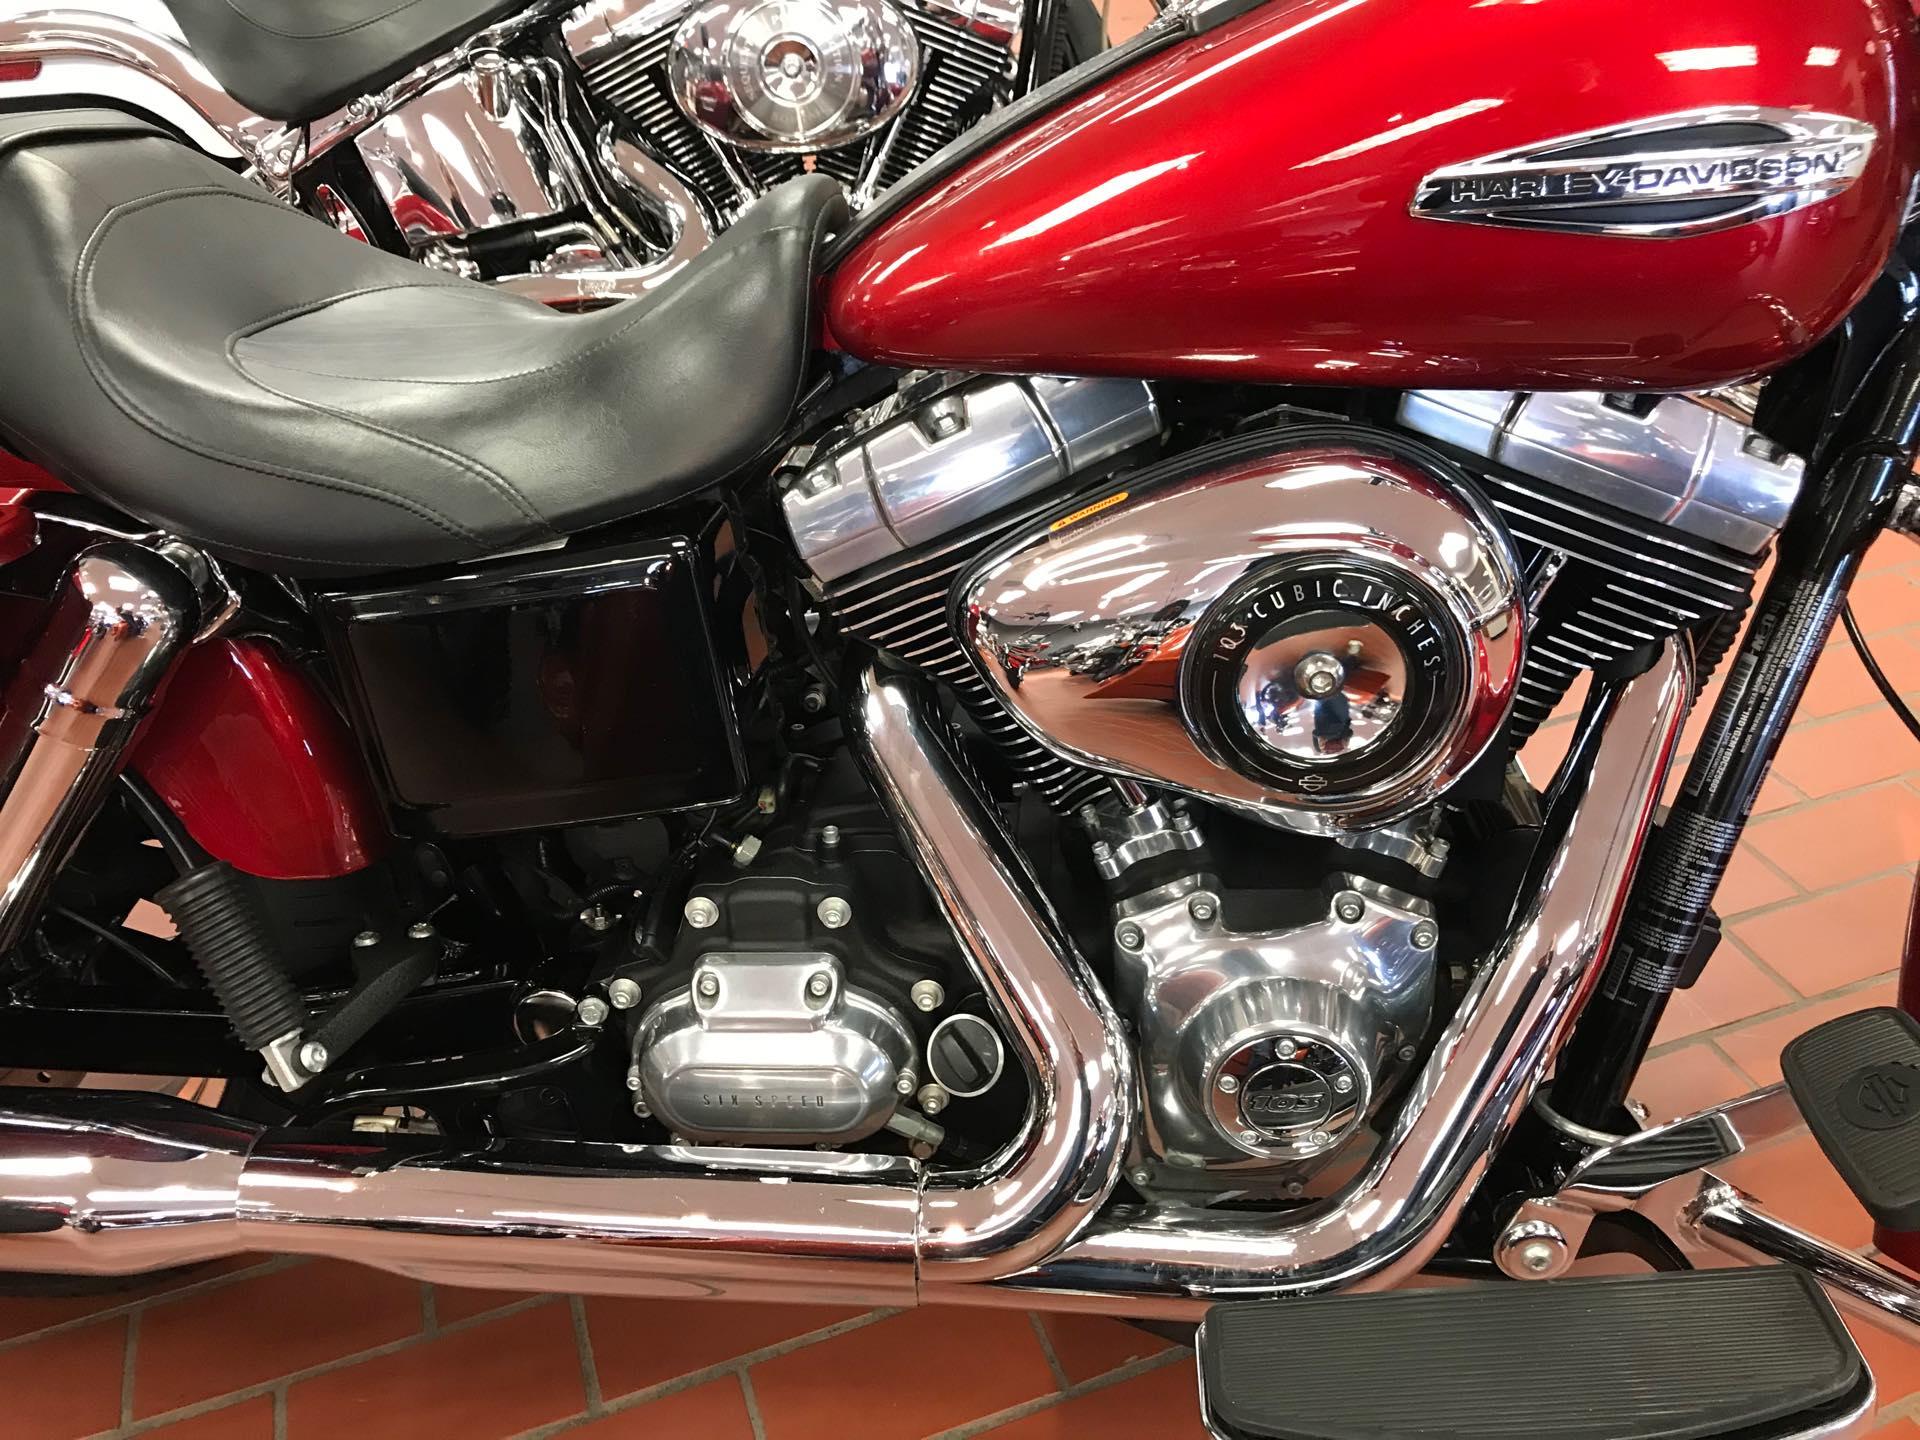 2013 Harley-Davidson Dyna Switchback at Rooster's Harley Davidson